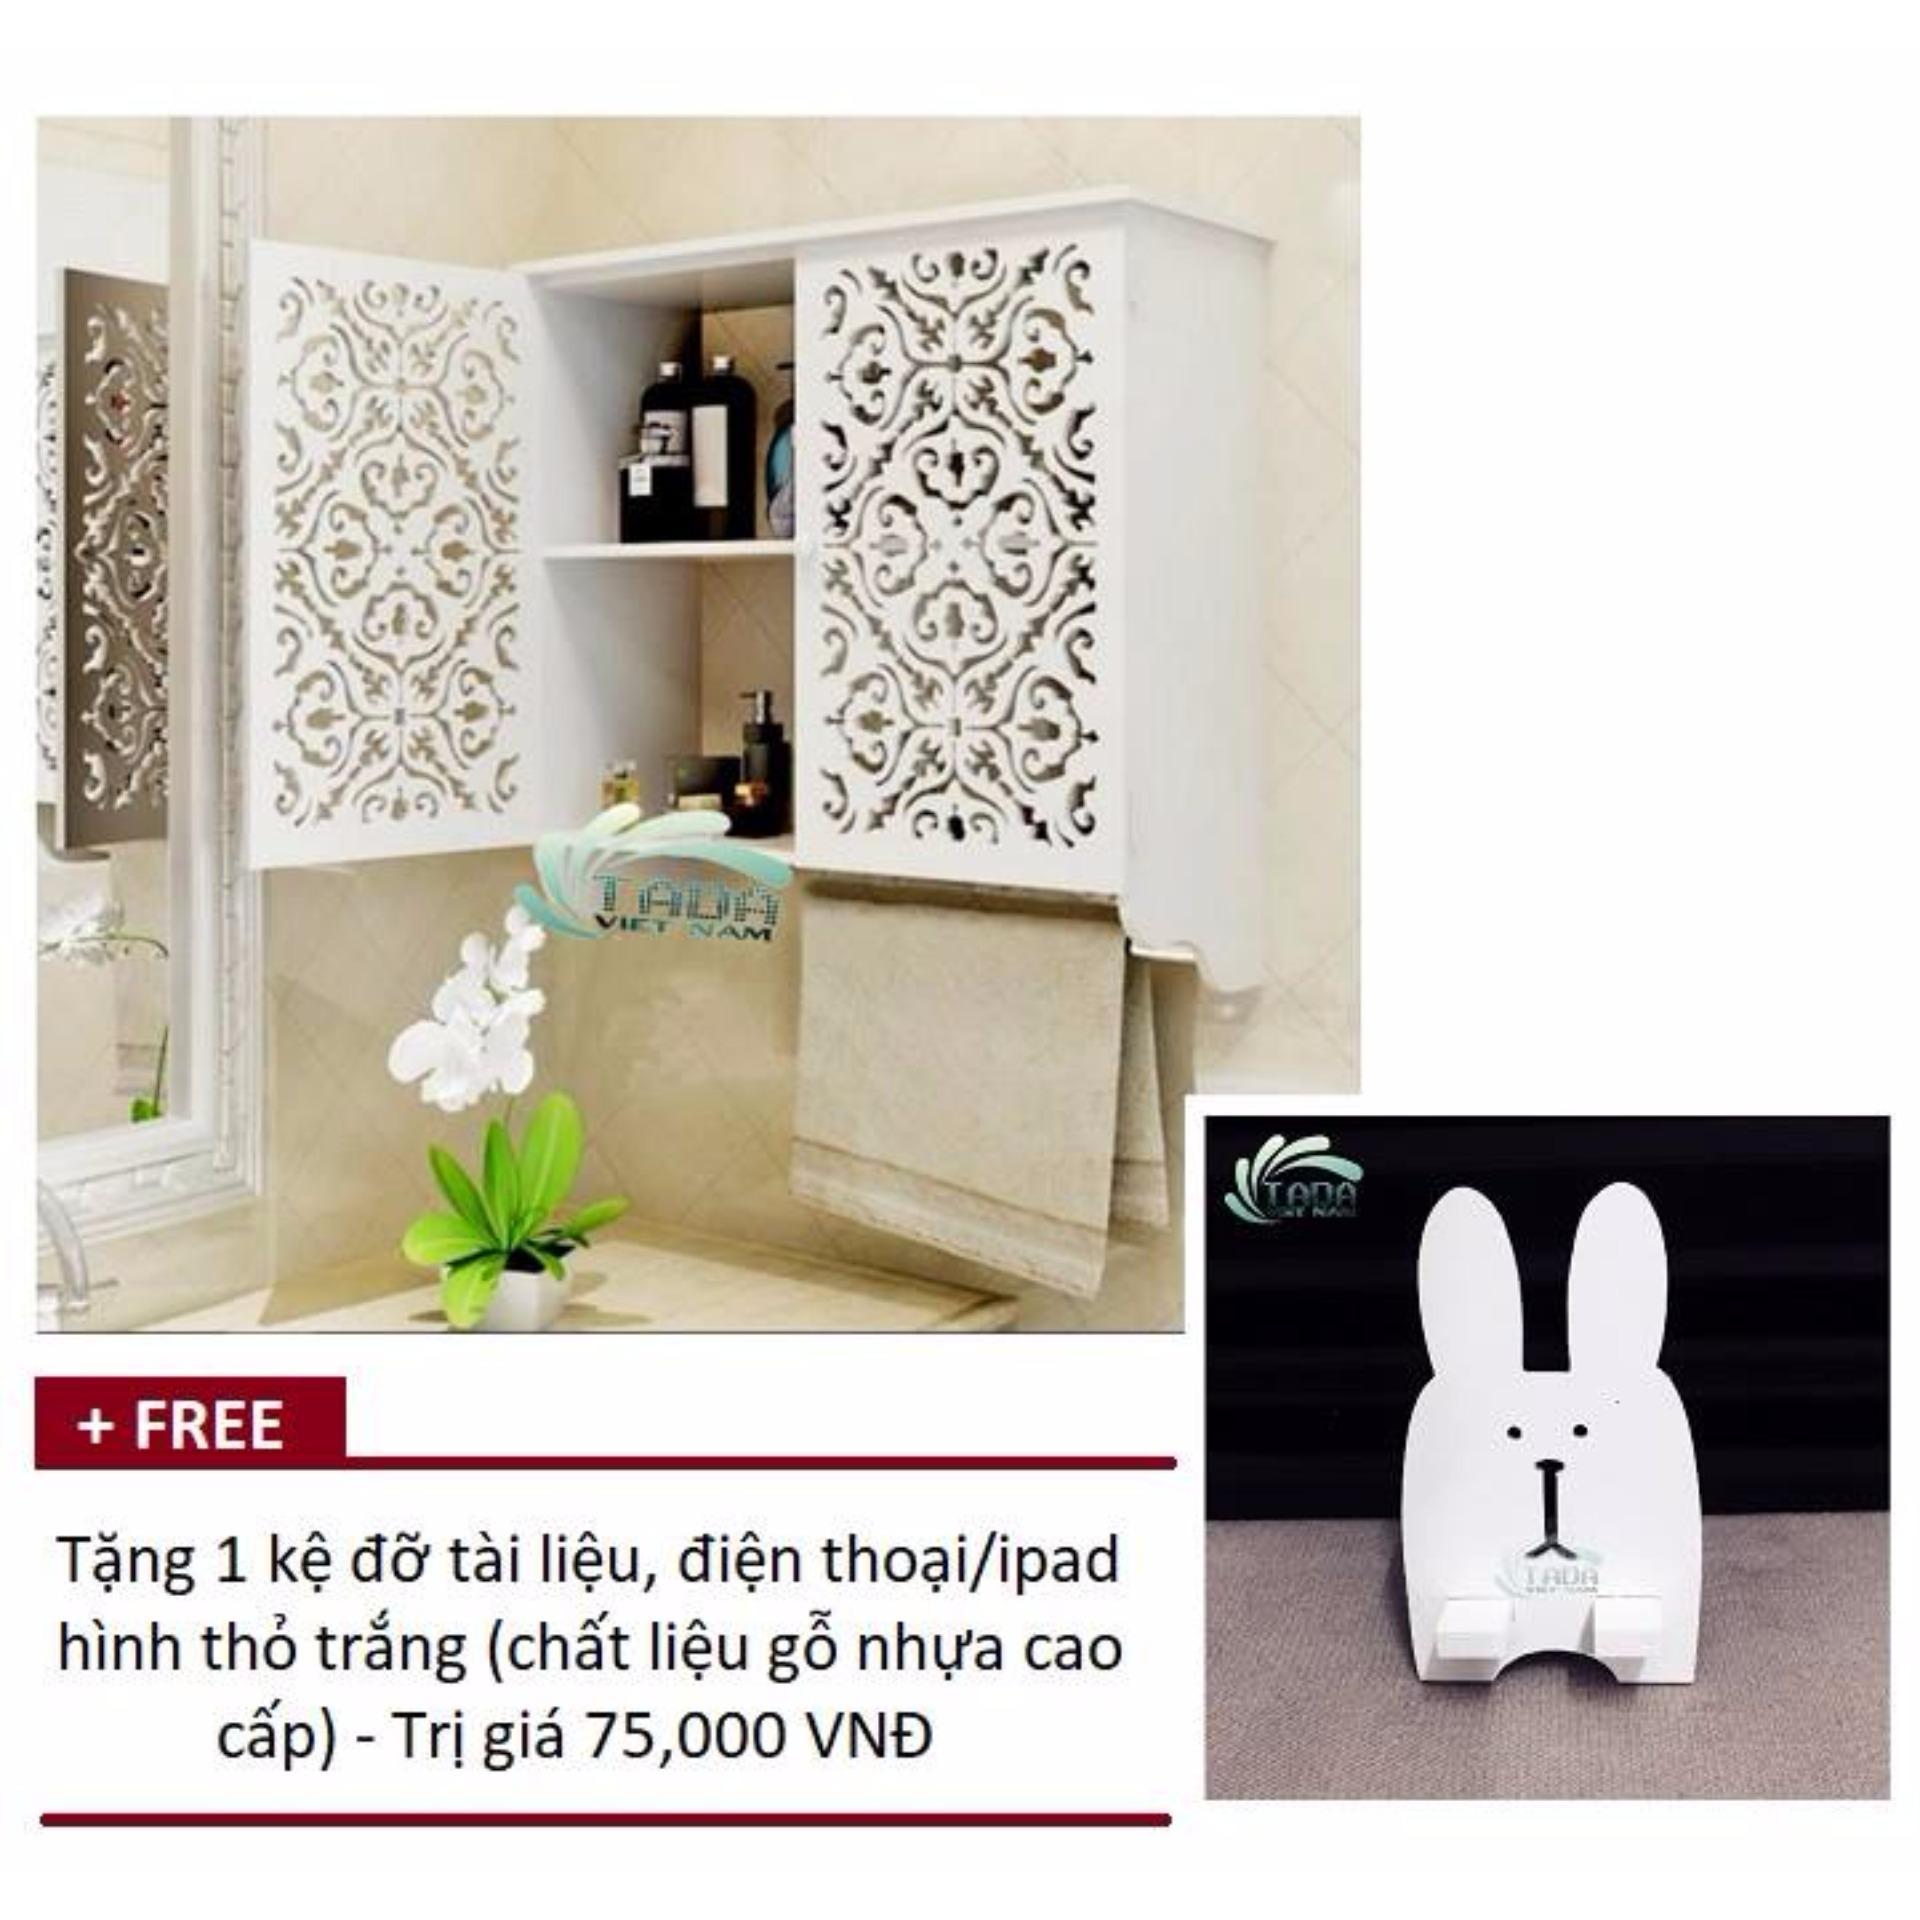 Tủ trang trí treo tường hoa văn cổ điển TADA TD117 – Tặng 1 kệ đỡ tài liệu, iphone/ipad hình thỏ trắng